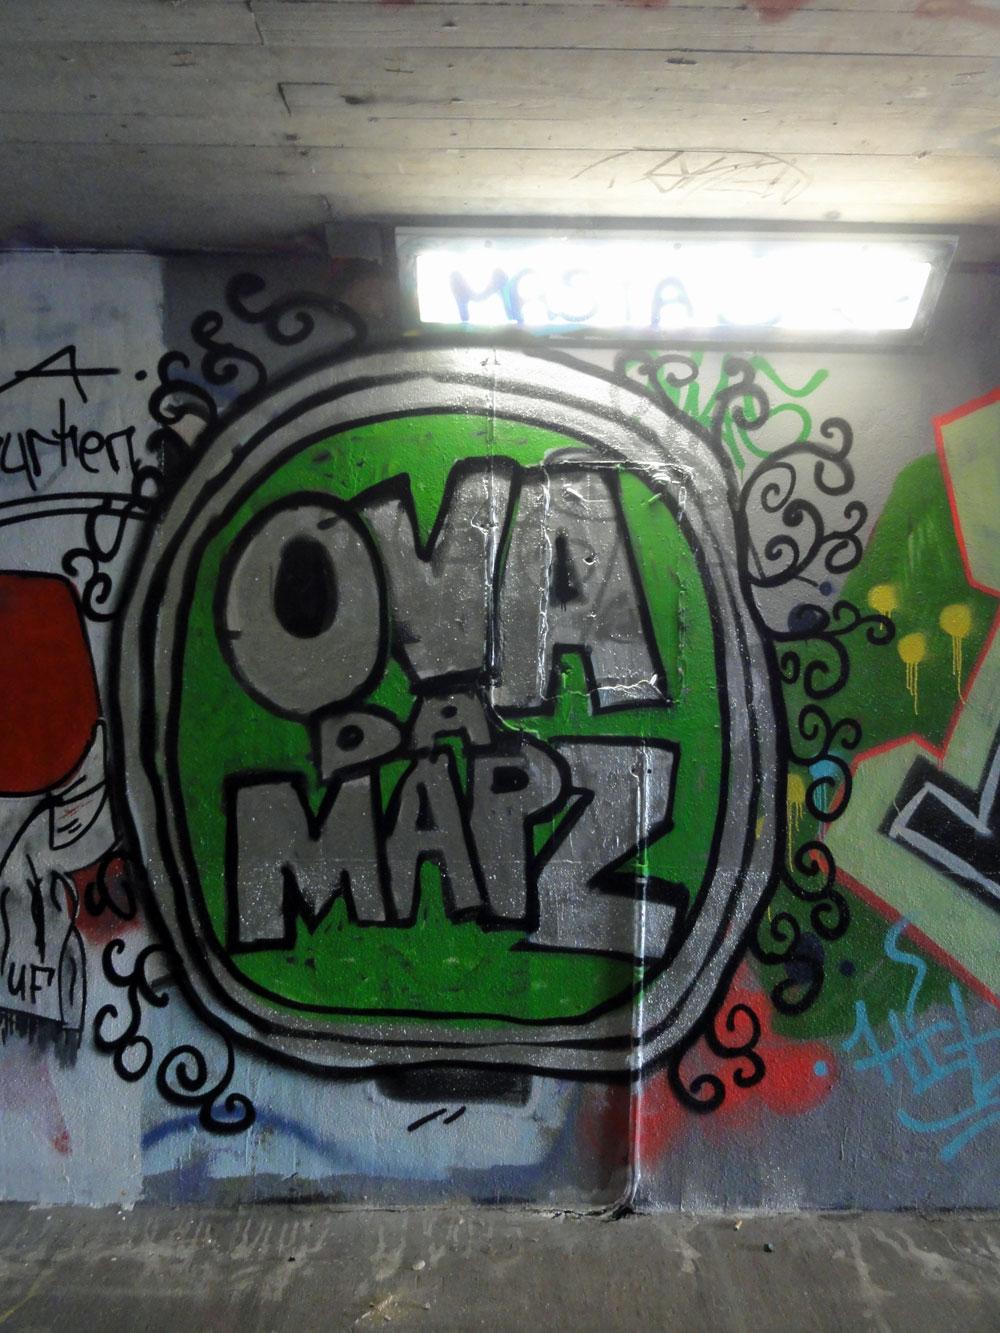 ova-da-mapz-hall-of-fame-frankfurt-ratsweg-riederhoefe